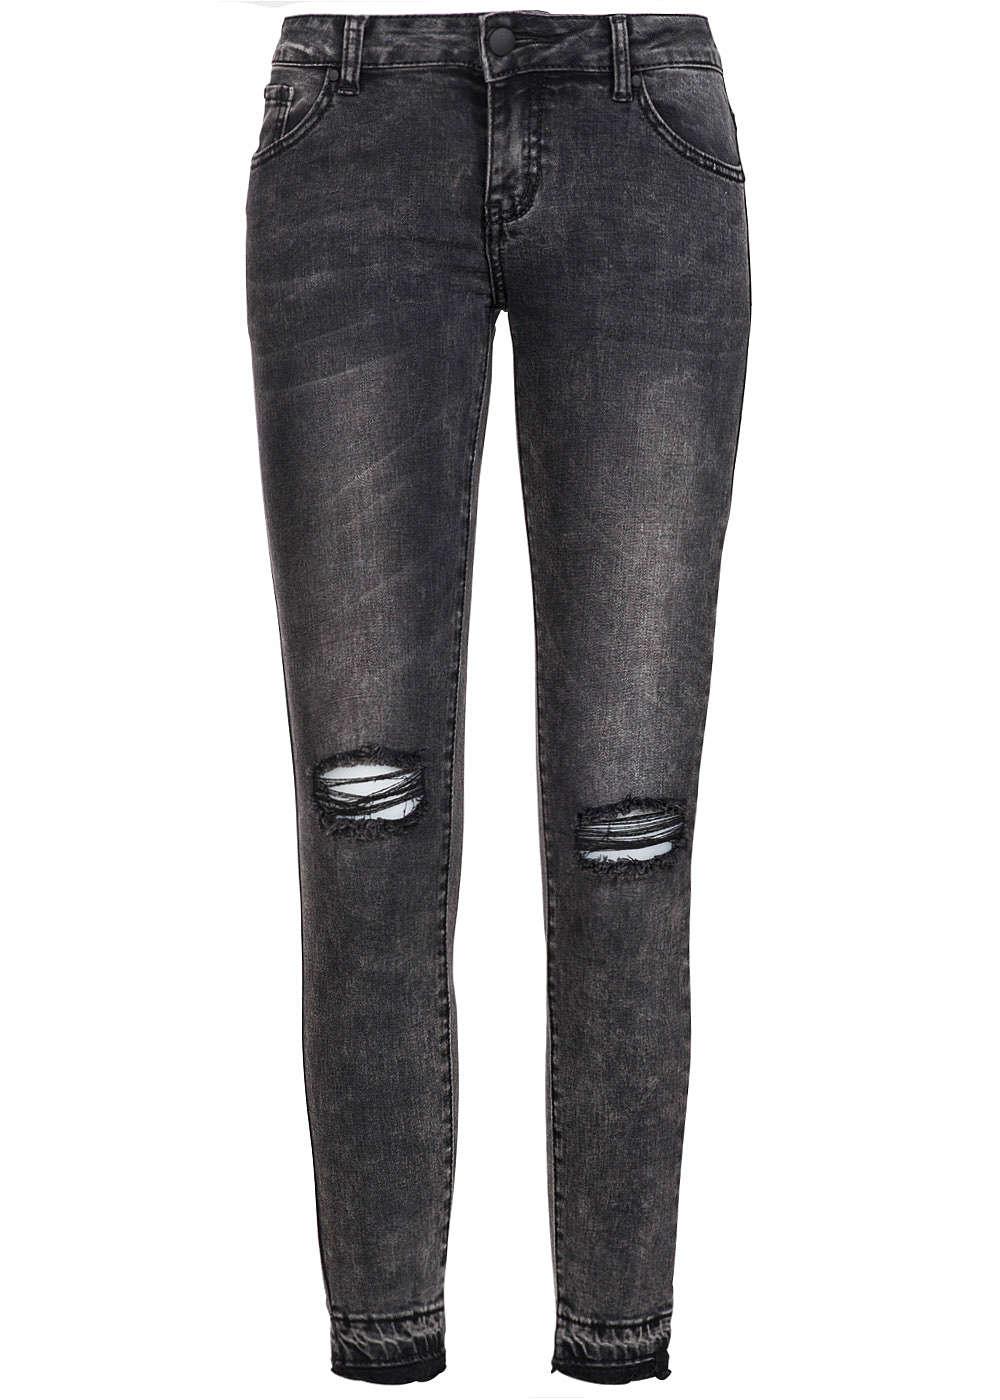 hailys damen jeans destroyed look 5 pocket bein unten ausgefranst schwarz 77onlineshop. Black Bedroom Furniture Sets. Home Design Ideas